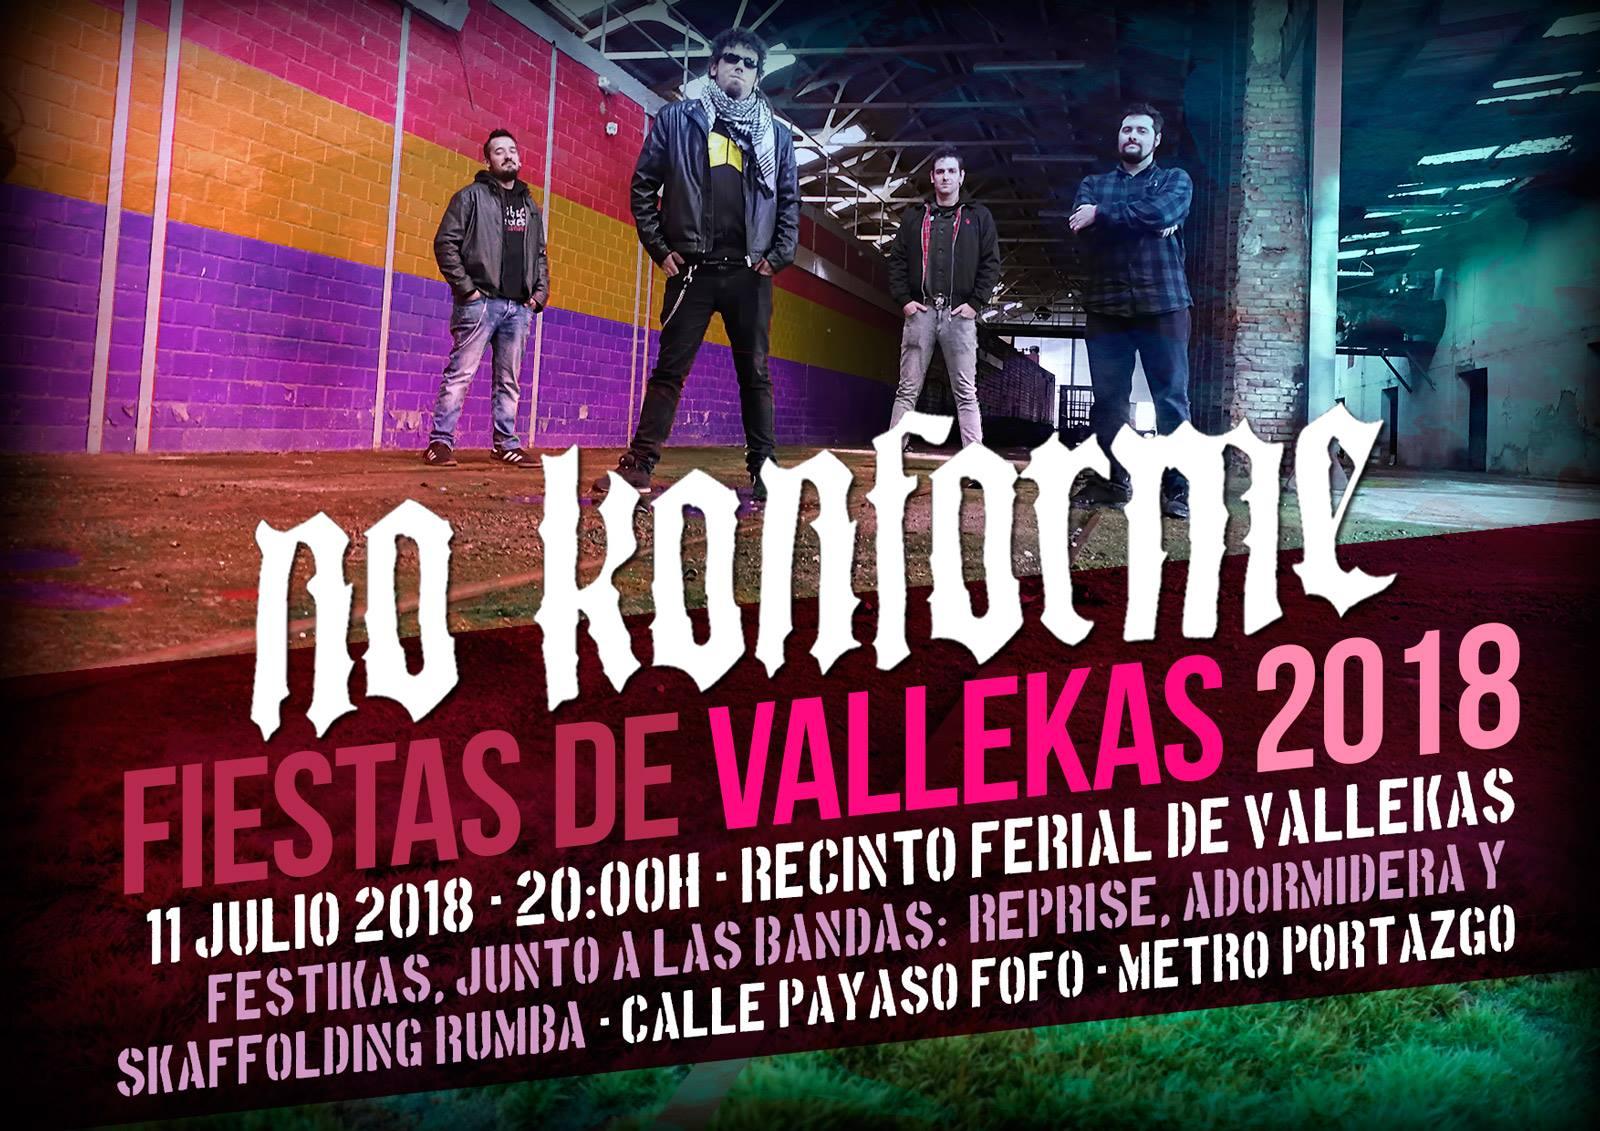 Festikas 2018 Vallecas